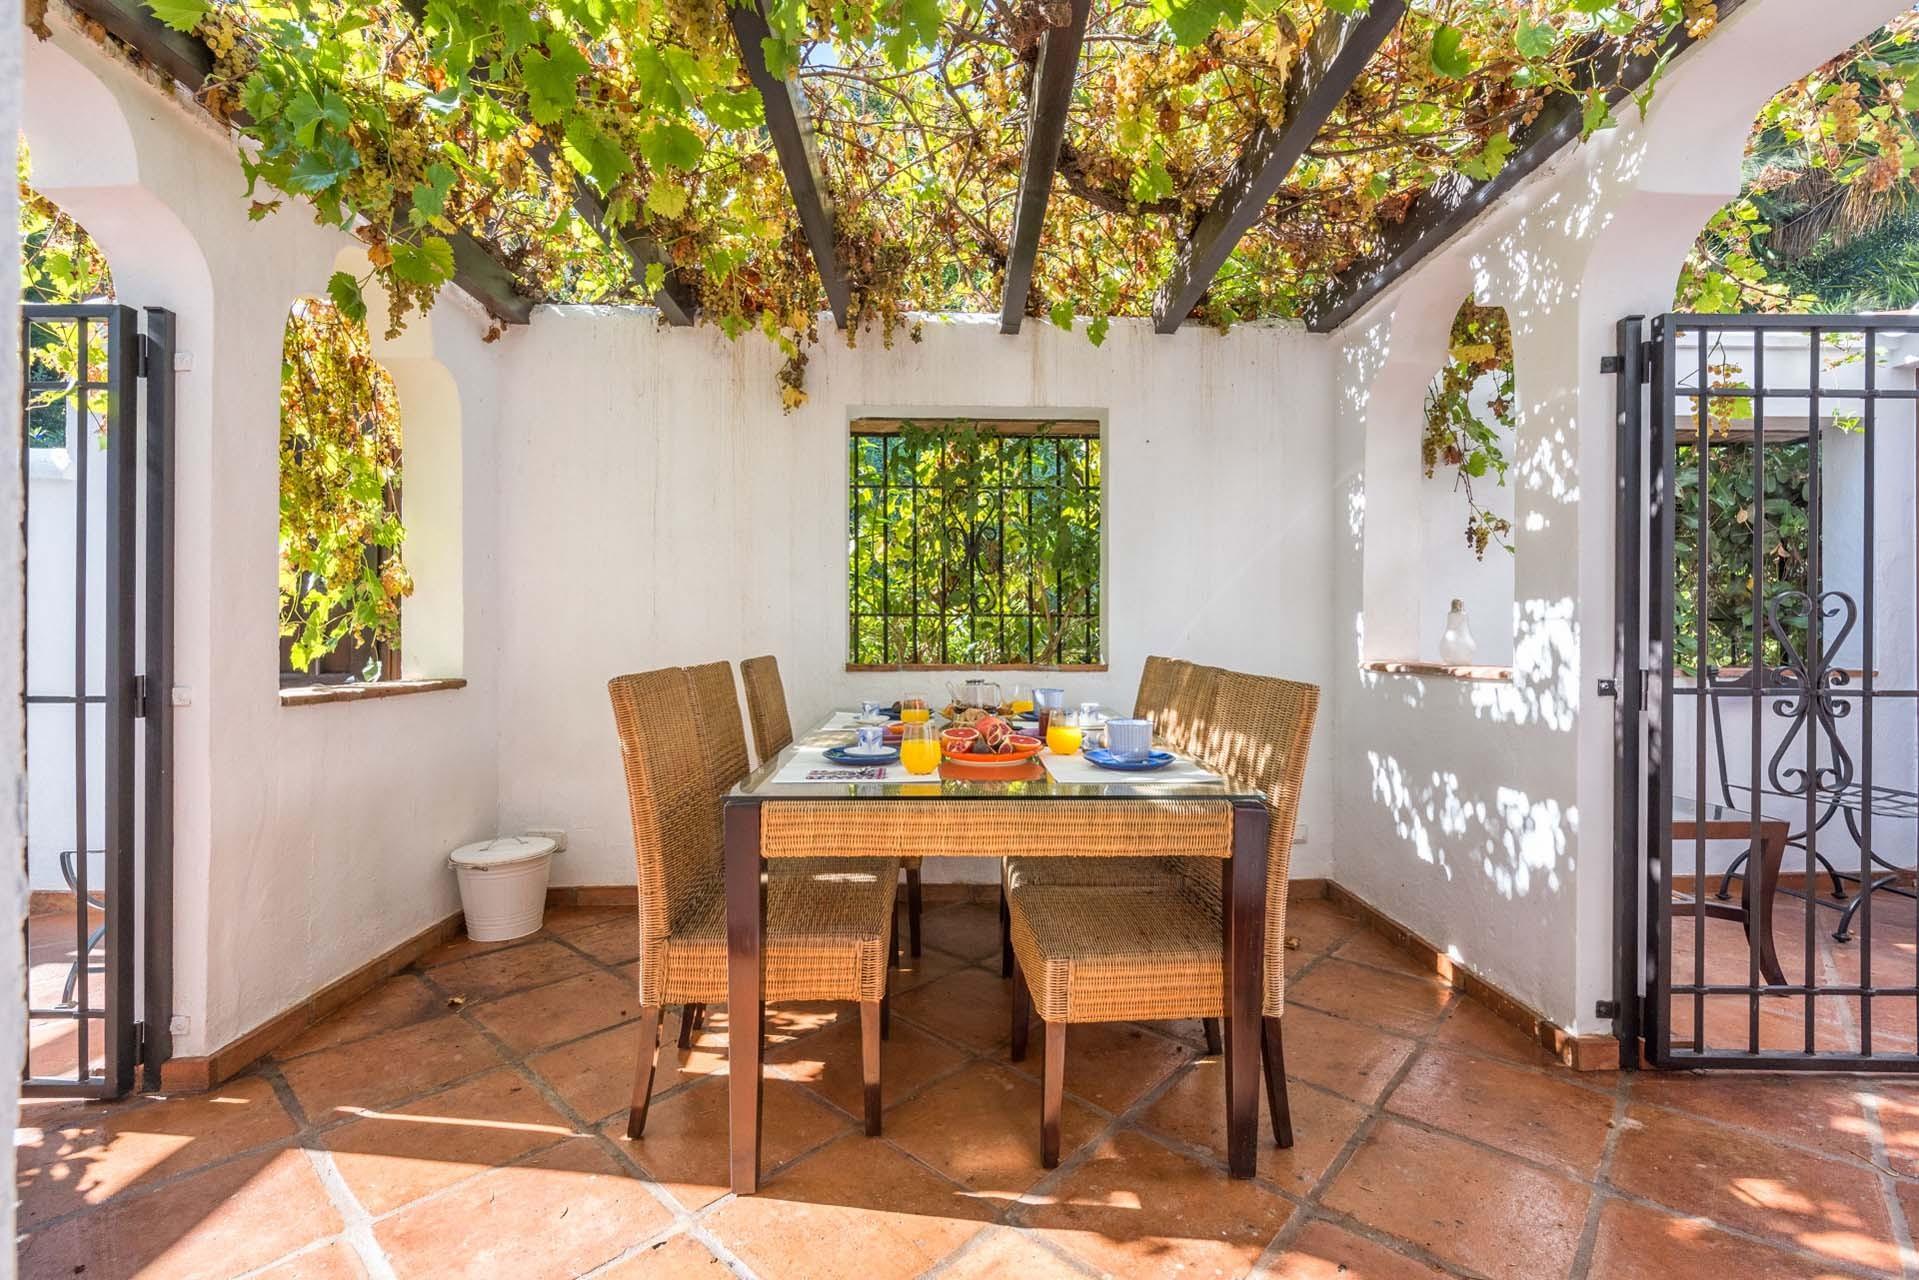 Precioso adosado de 3 dormitorios en la milla de oro de marbella - Alquiler vacacional en marbella ...